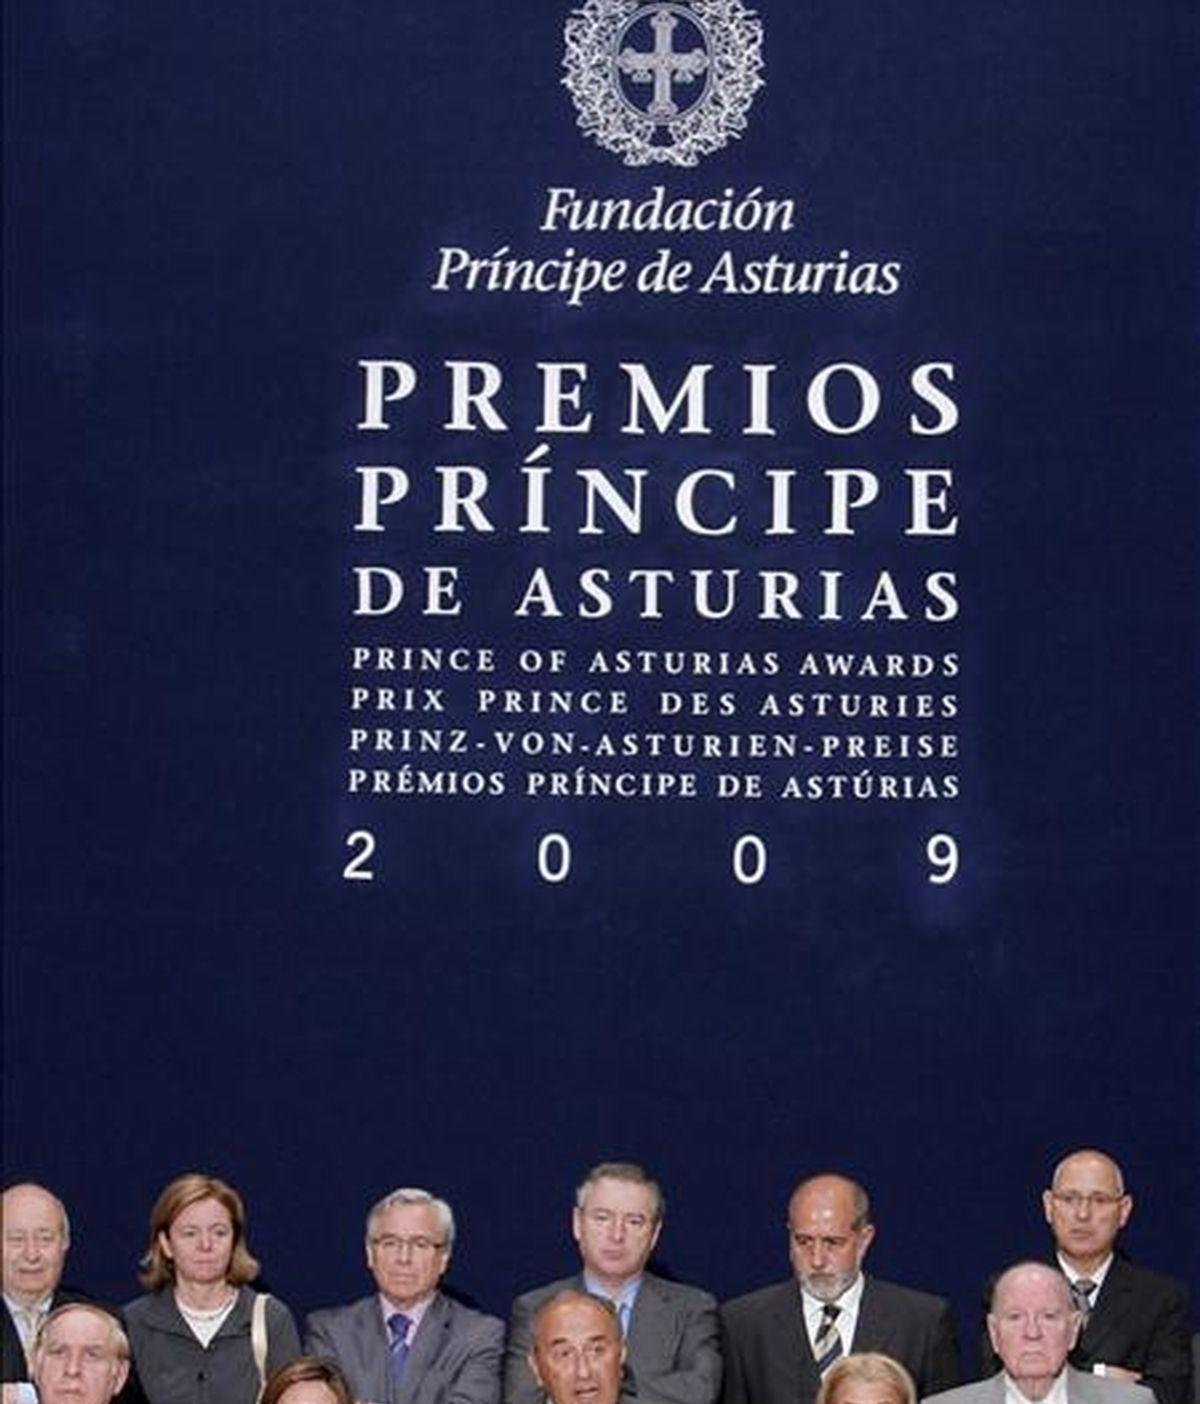 El jurado del Premio Príncipe de Asturias de Comunicación y Humanidades 2009, presidido por el catedrático de Literatura de la Universidad de Salamanca Ricardo Senabre (c), en el momento de leer el acta que otorga el galardón de esta edición a la Universidad Nacional Autónoma de México (UNAM). EFE